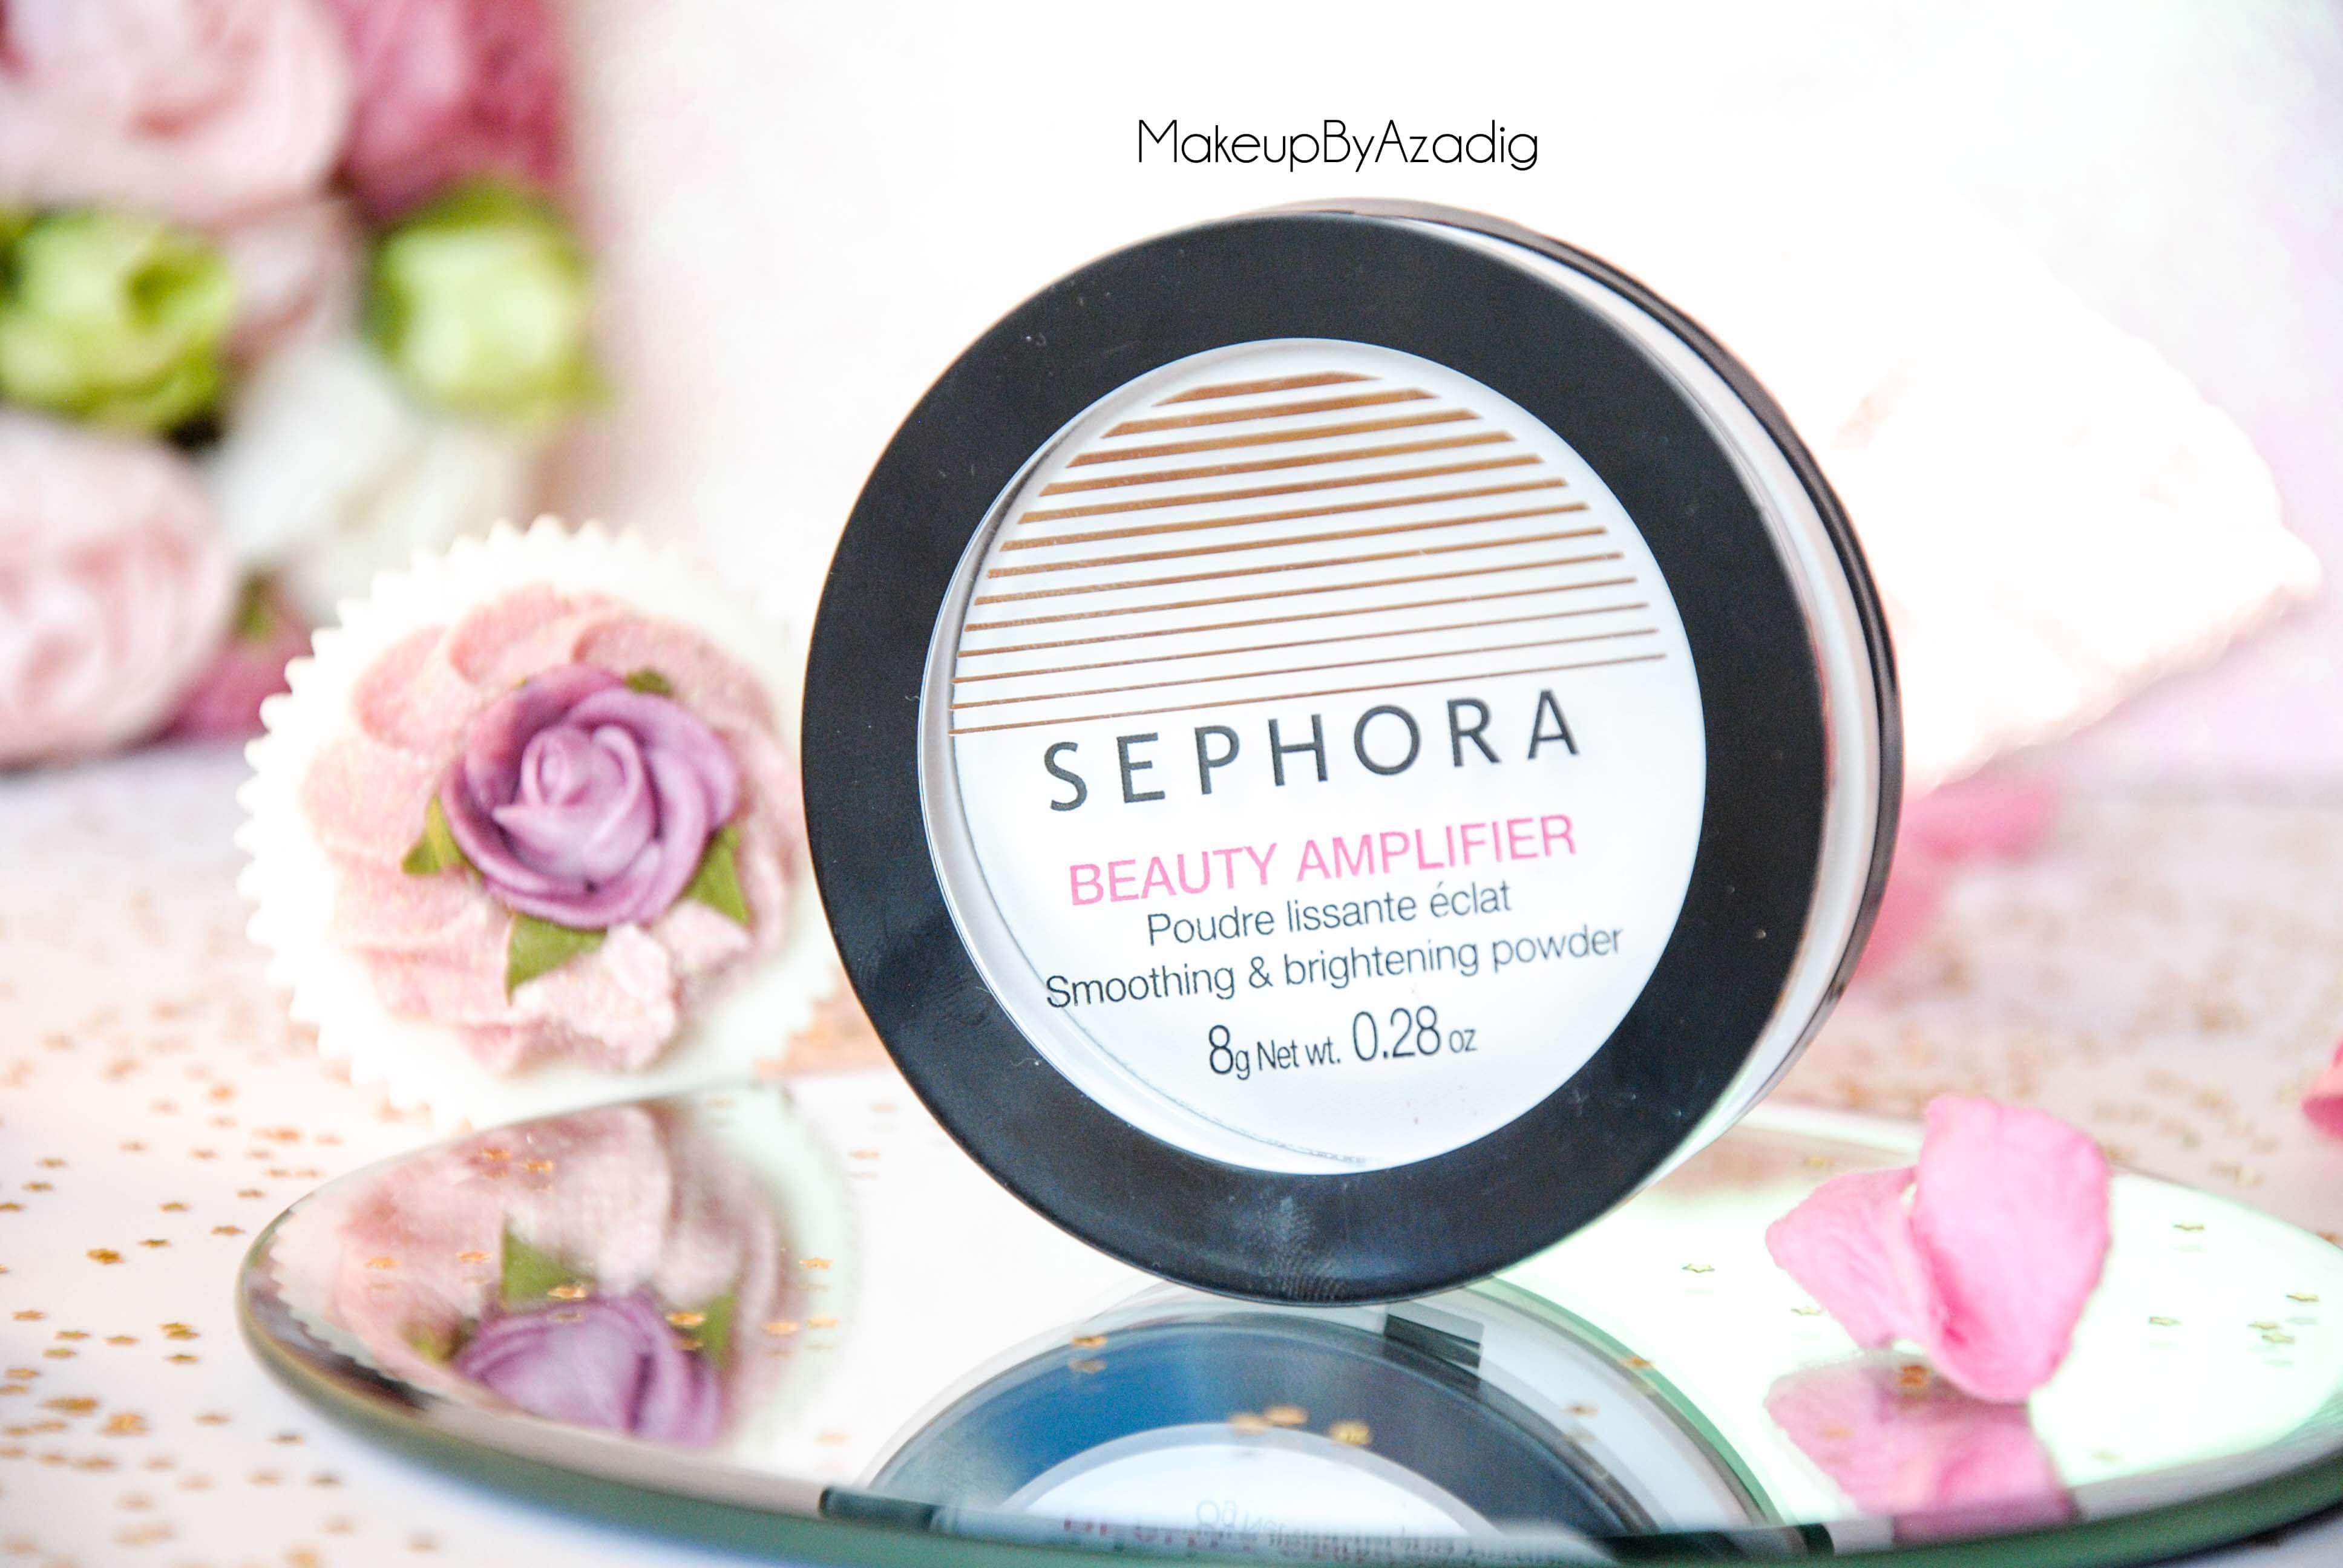 poudre-matifiante-beauty-amplifier-sephora-paris-makeupbyazadig-troyes-revue-avis-prix-lissante